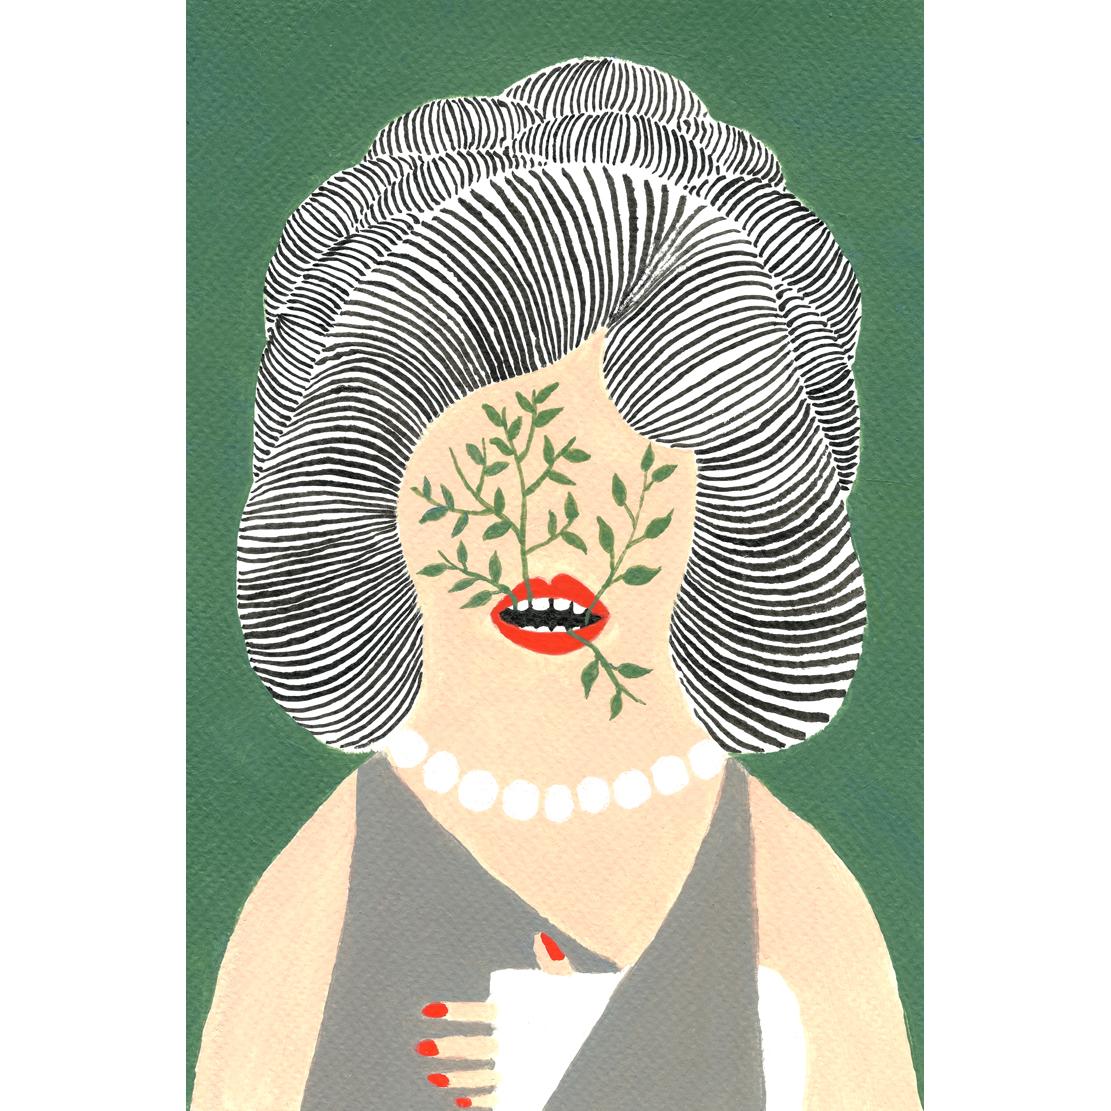 Femme Platte Vegetaux  Bouche, 2017, Tinte, Acryl auf Papier, 15,4 x 23,5 cm